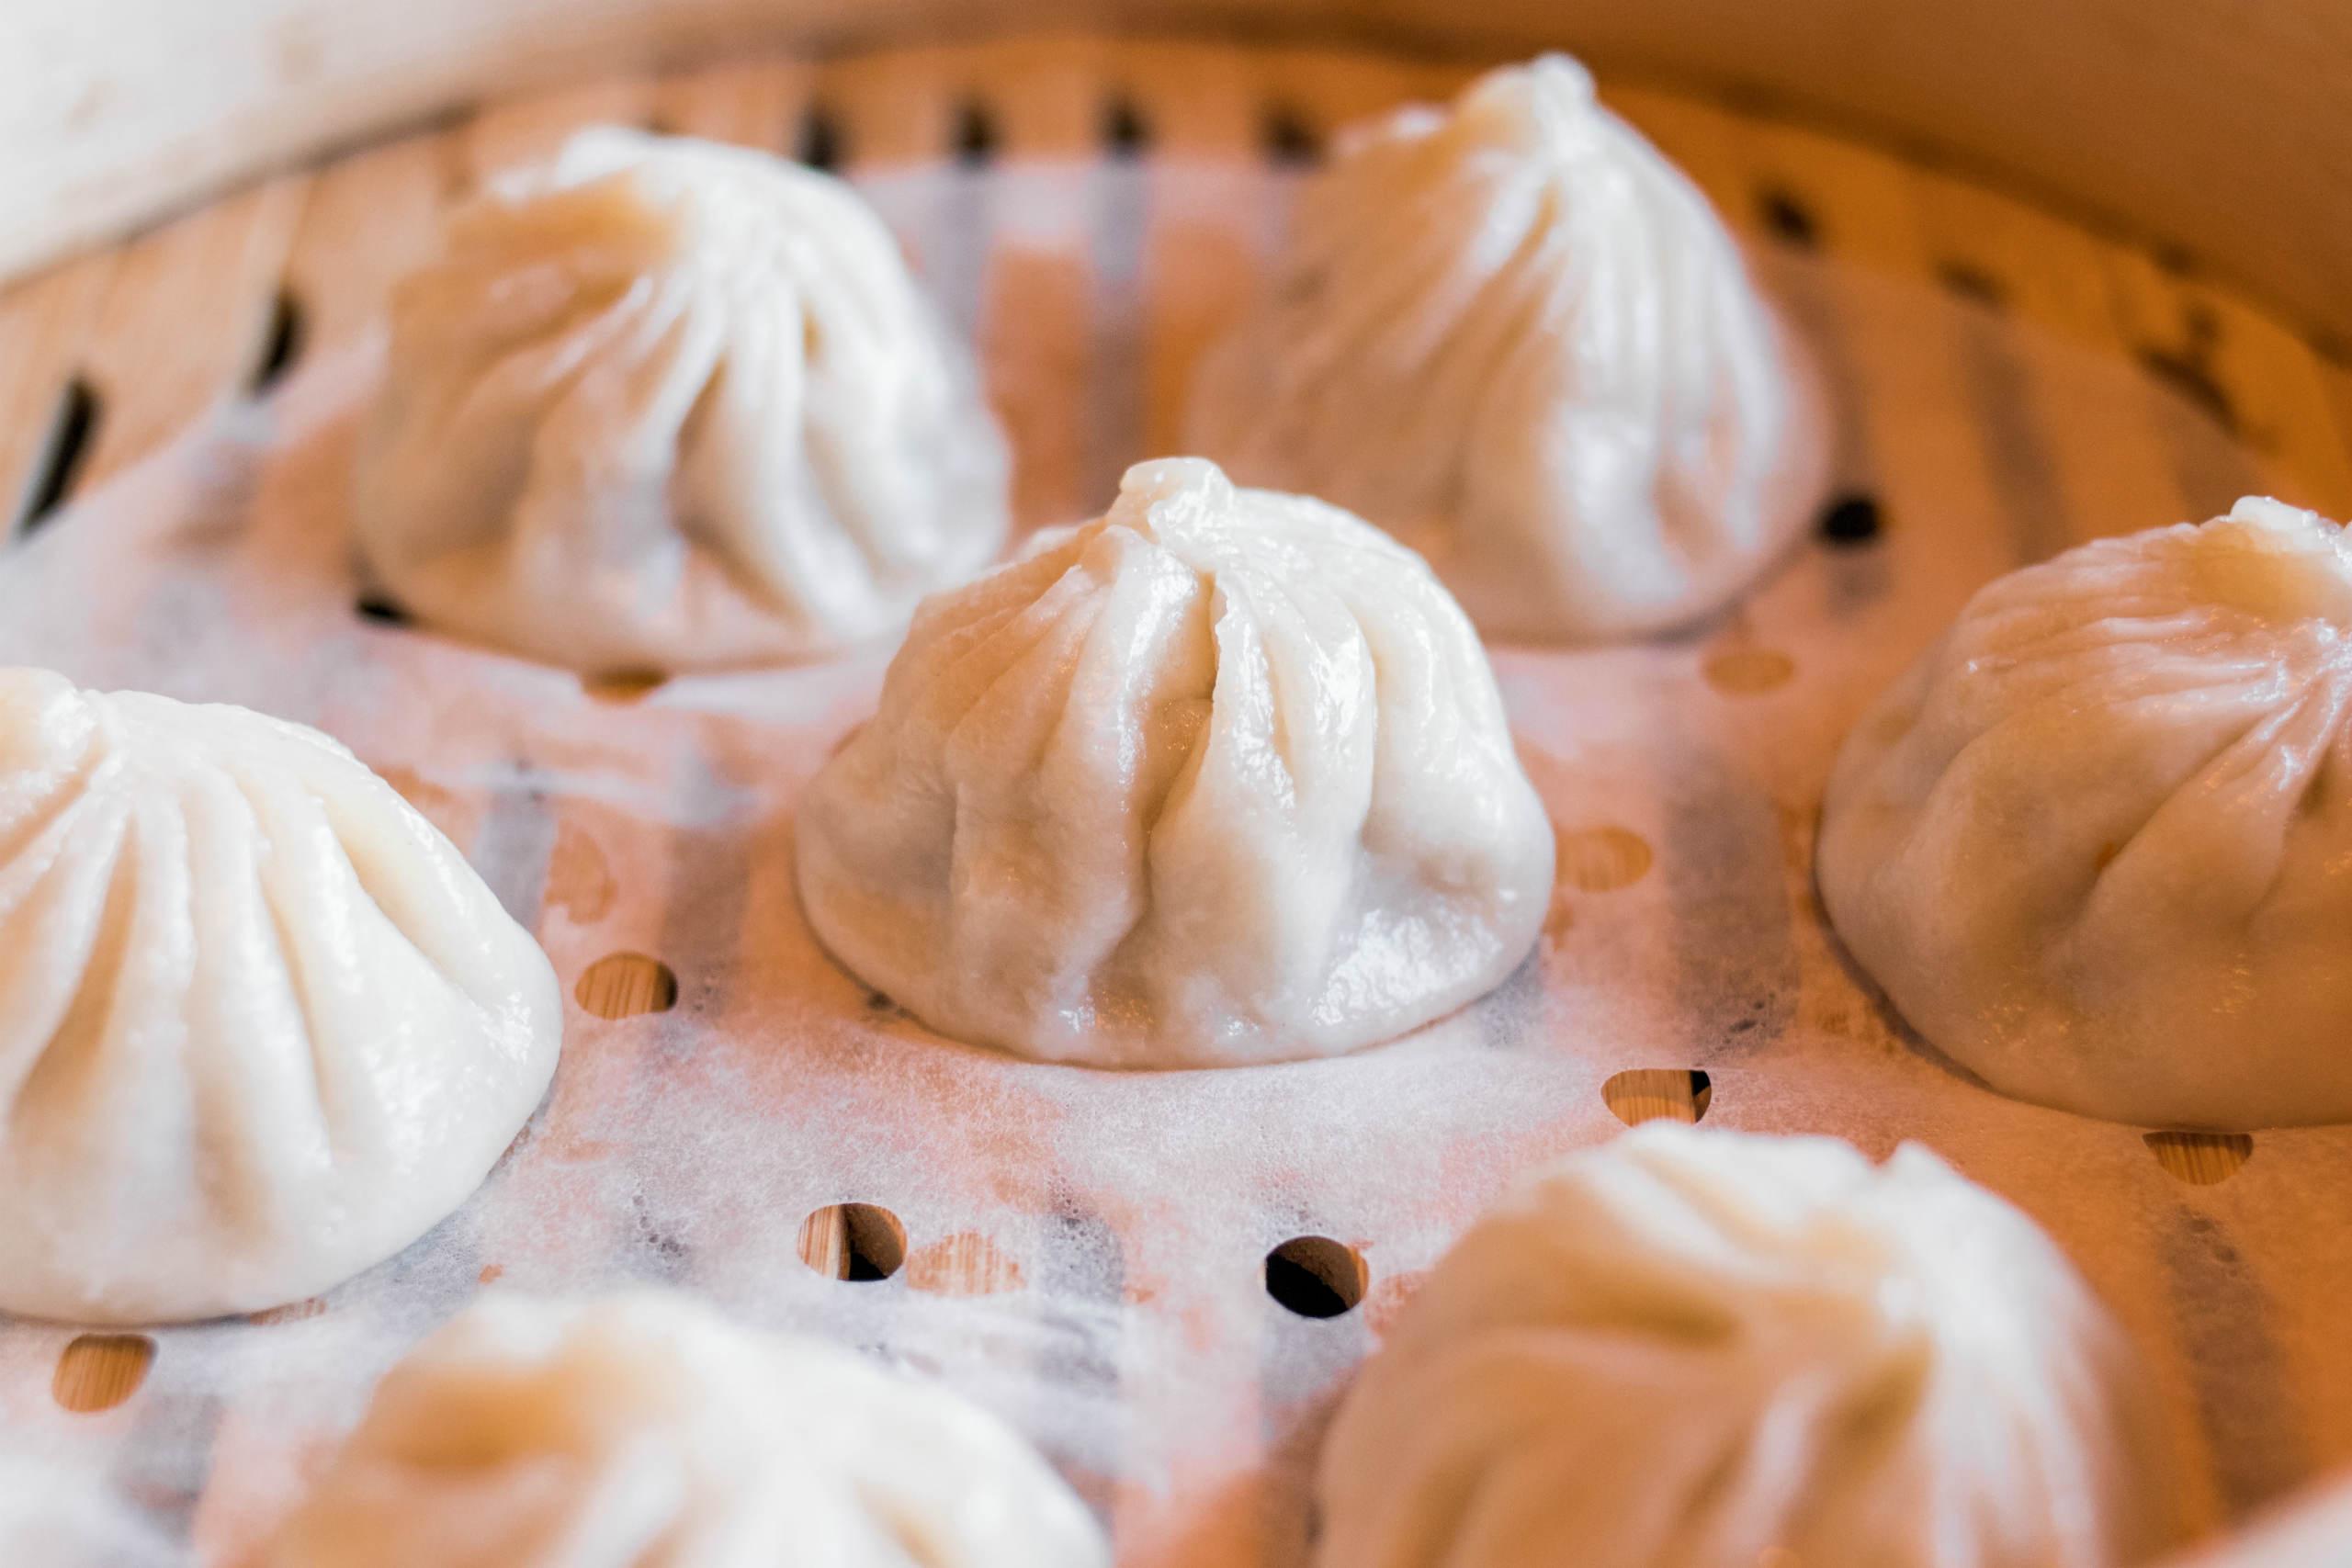 Macau dishes xiao long bao